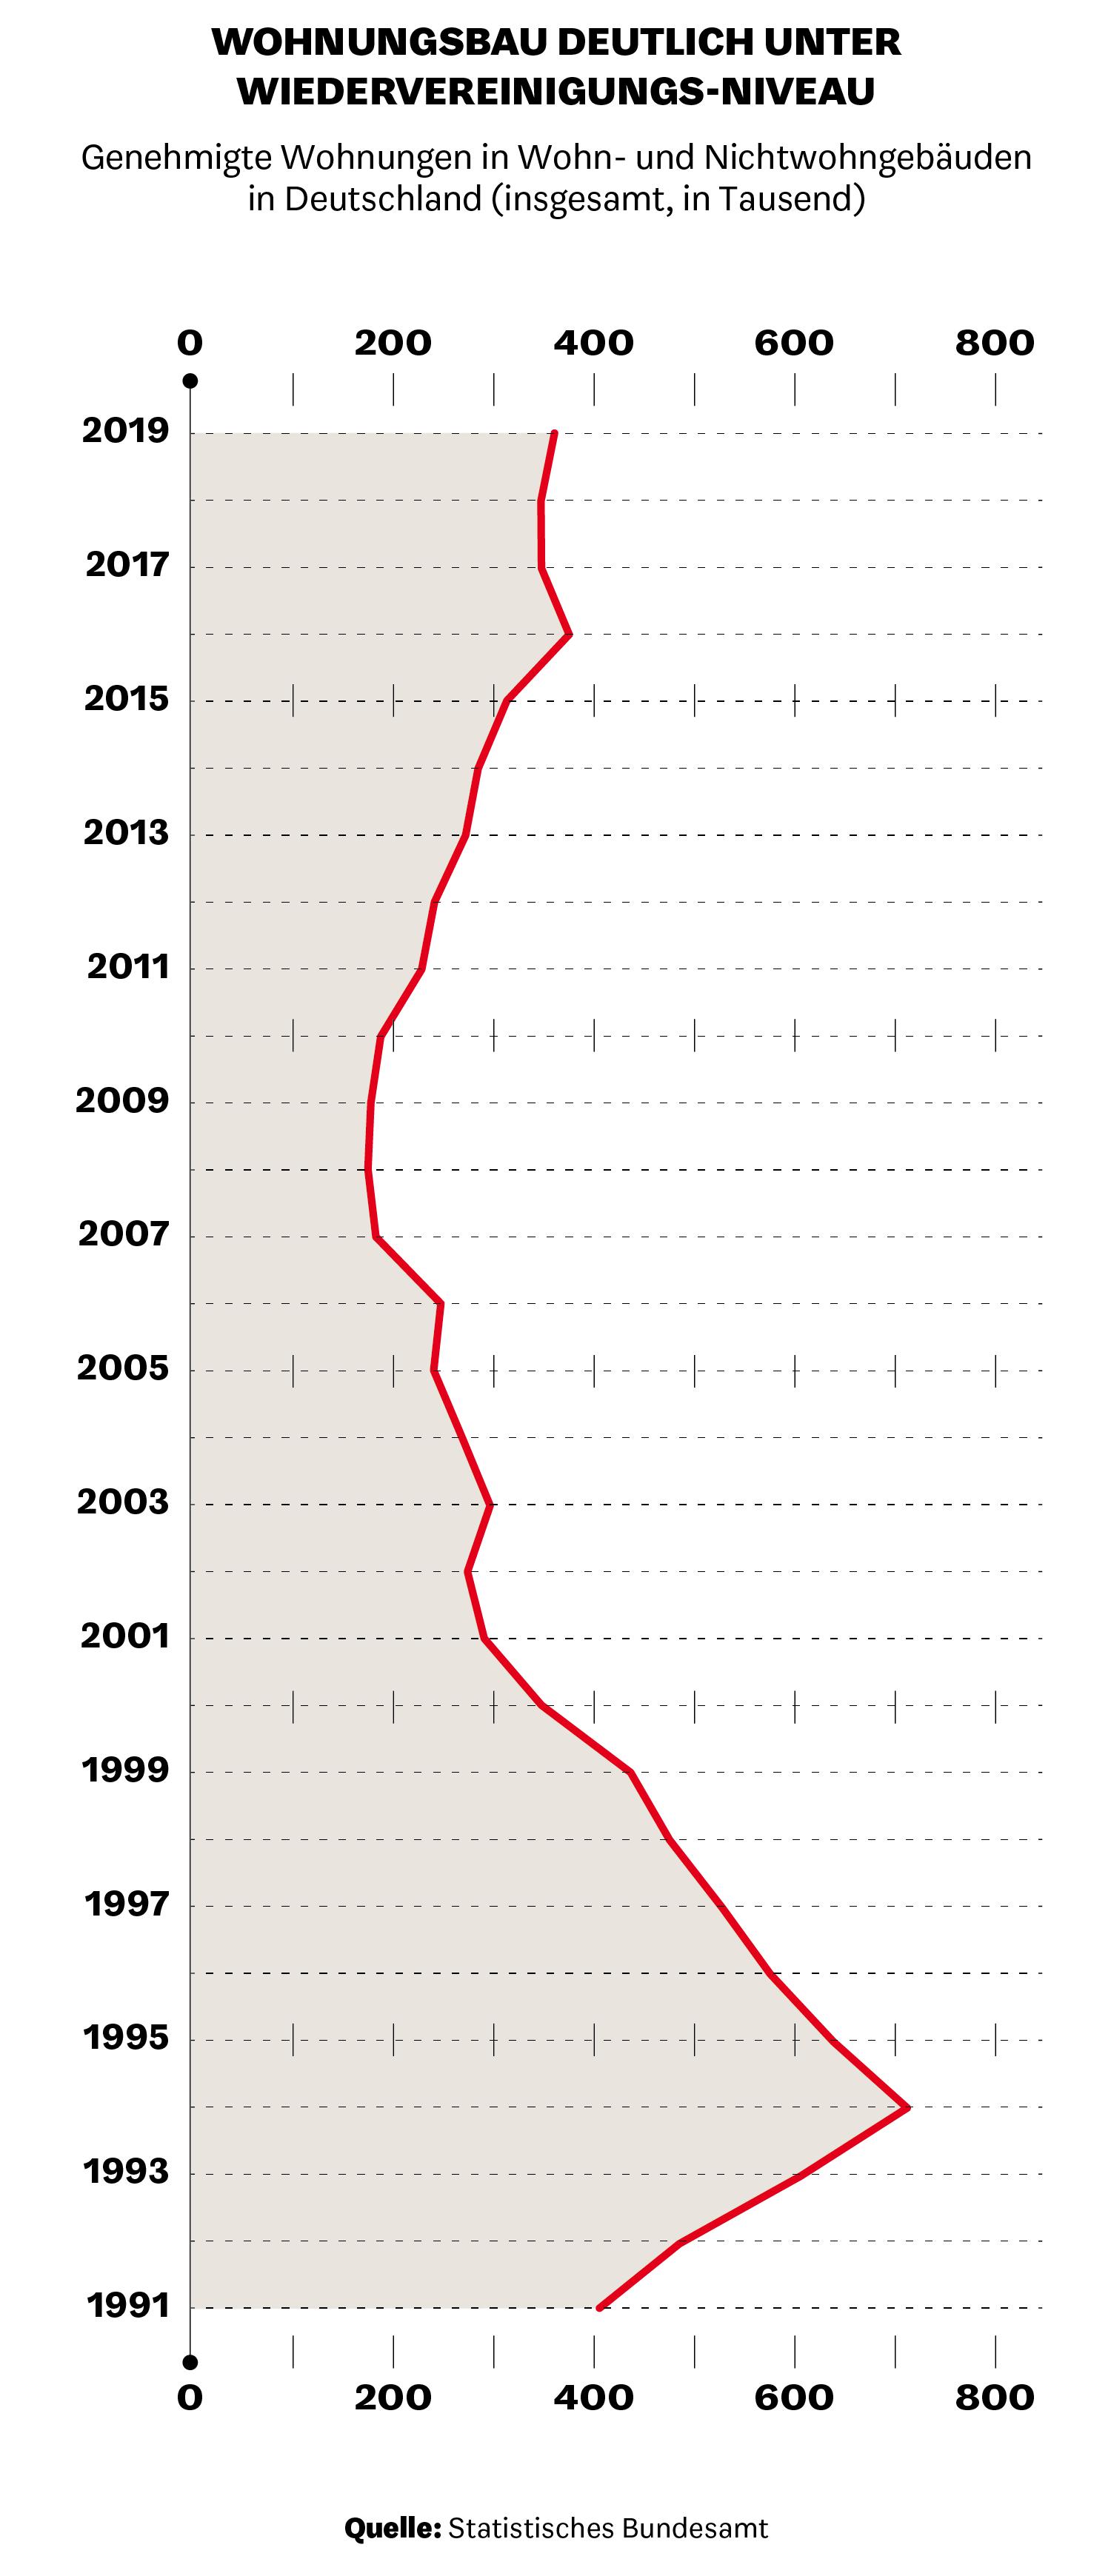 Wohnungsbau deutlich unter Wiedervereinigungs-Niveau